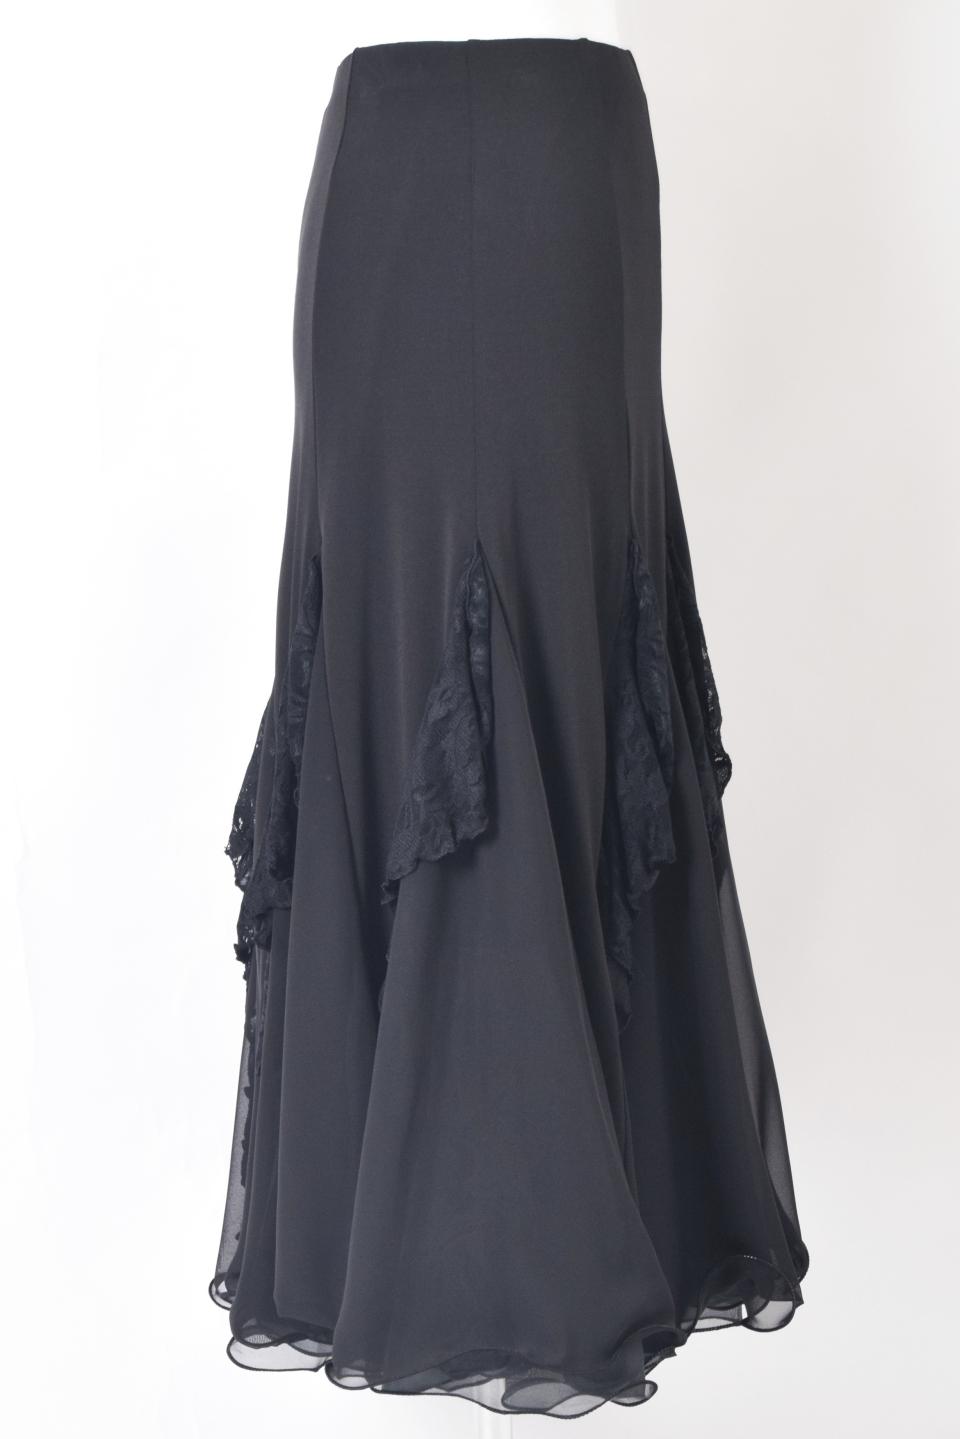 スカート KRSK350